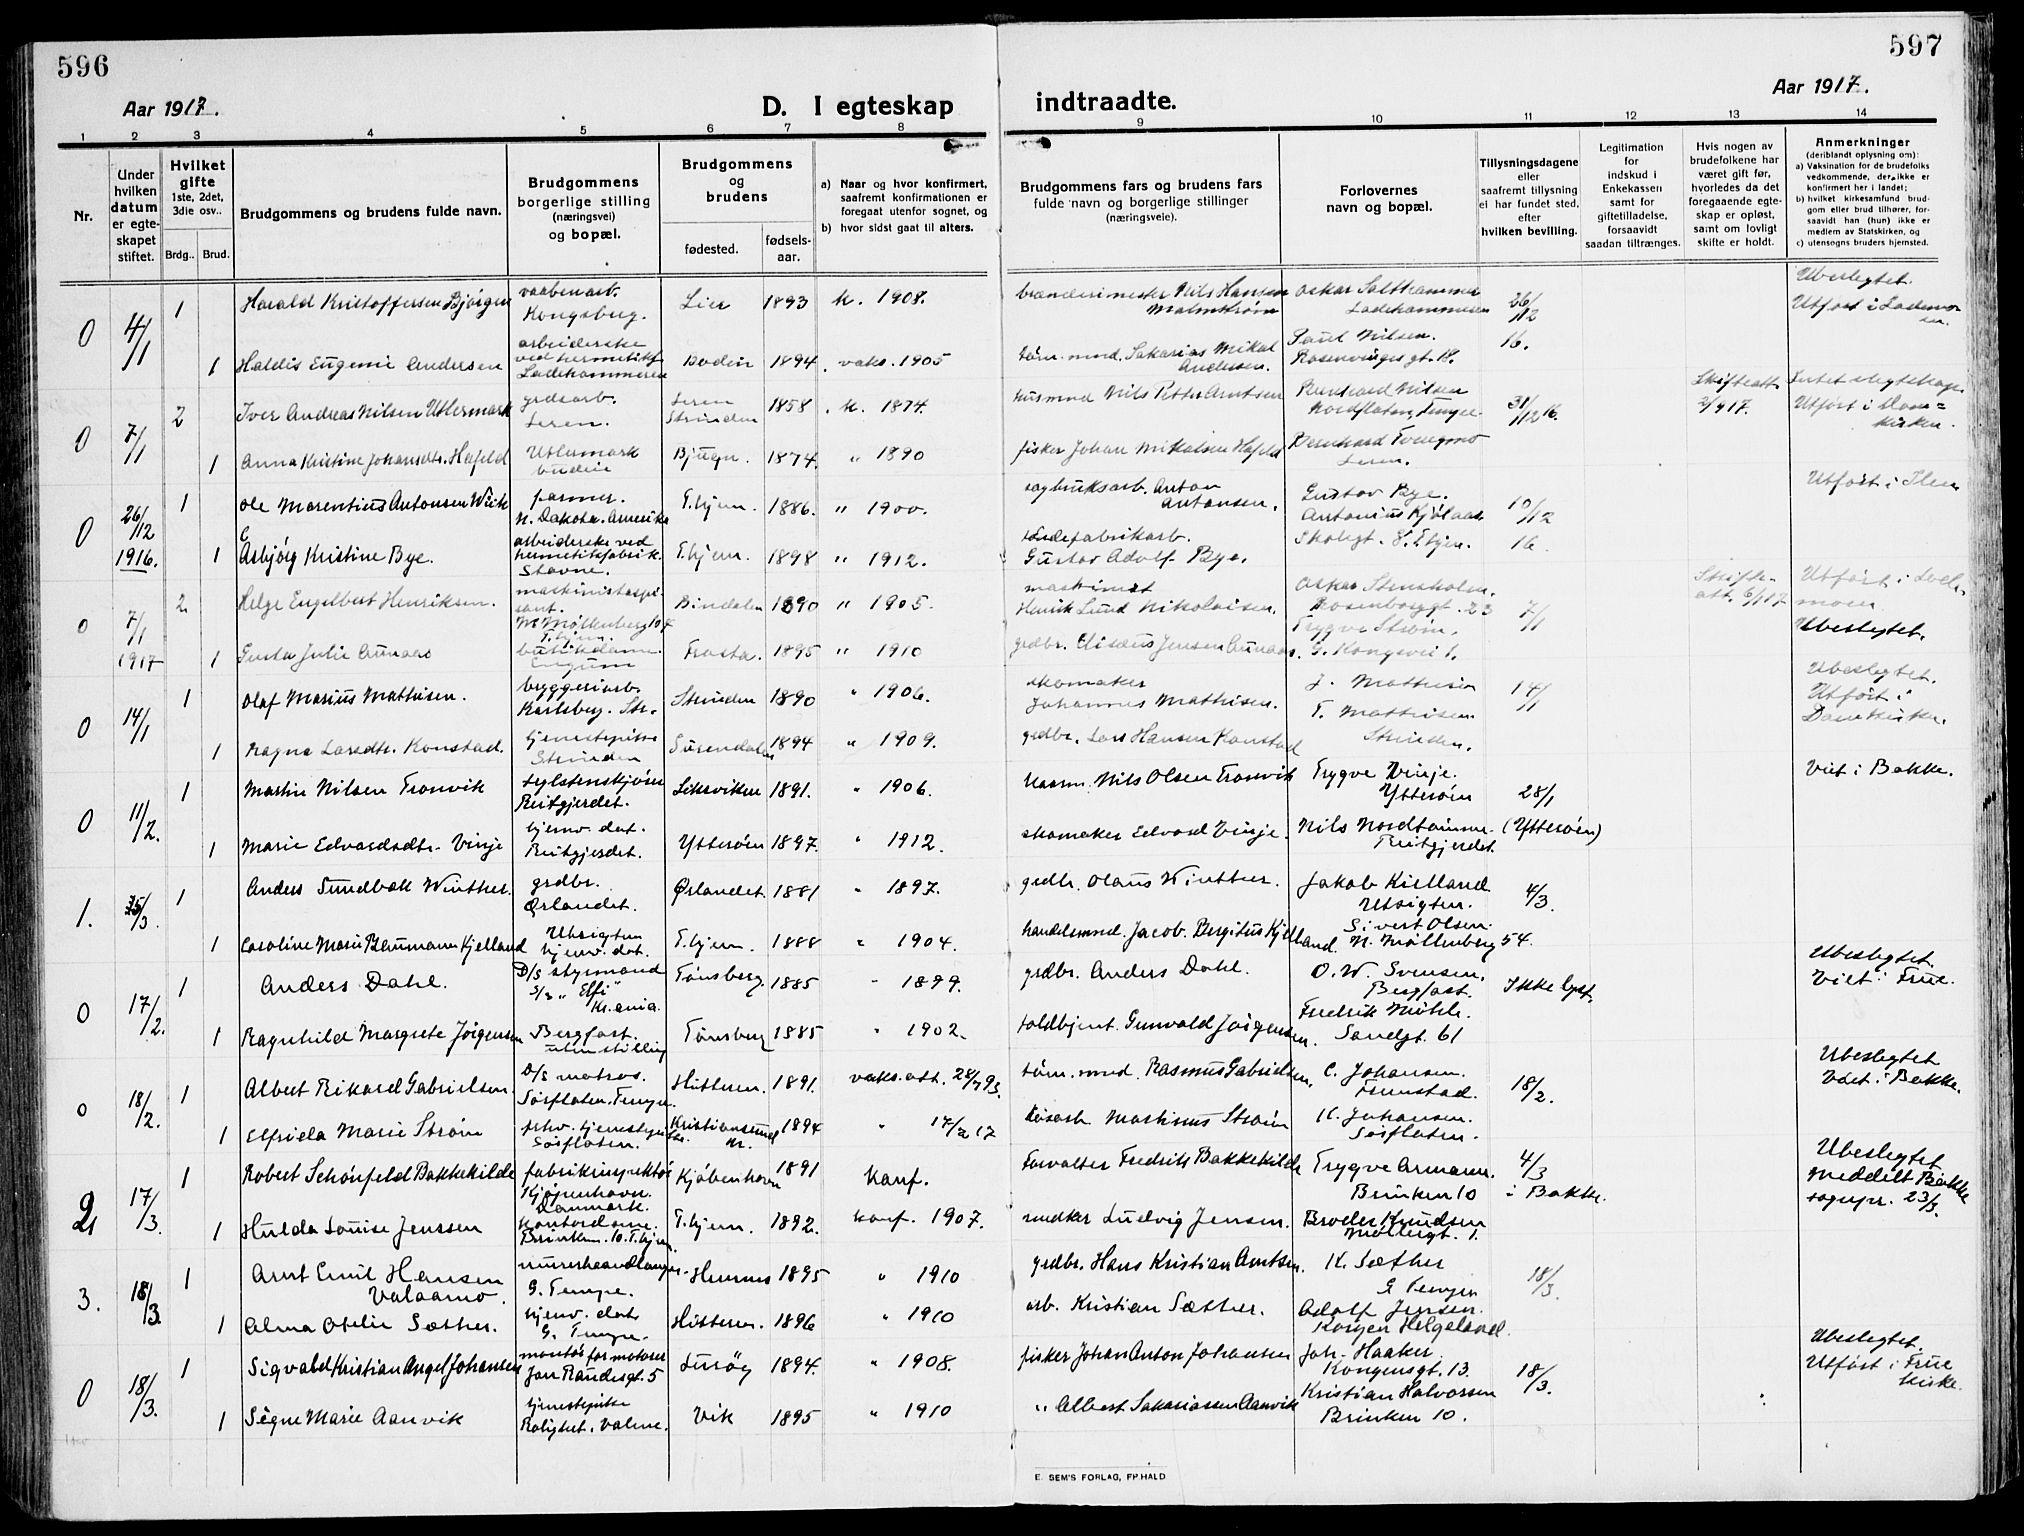 SAT, Ministerialprotokoller, klokkerbøker og fødselsregistre - Sør-Trøndelag, 607/L0321: Ministerialbok nr. 607A05, 1916-1935, s. 596-597